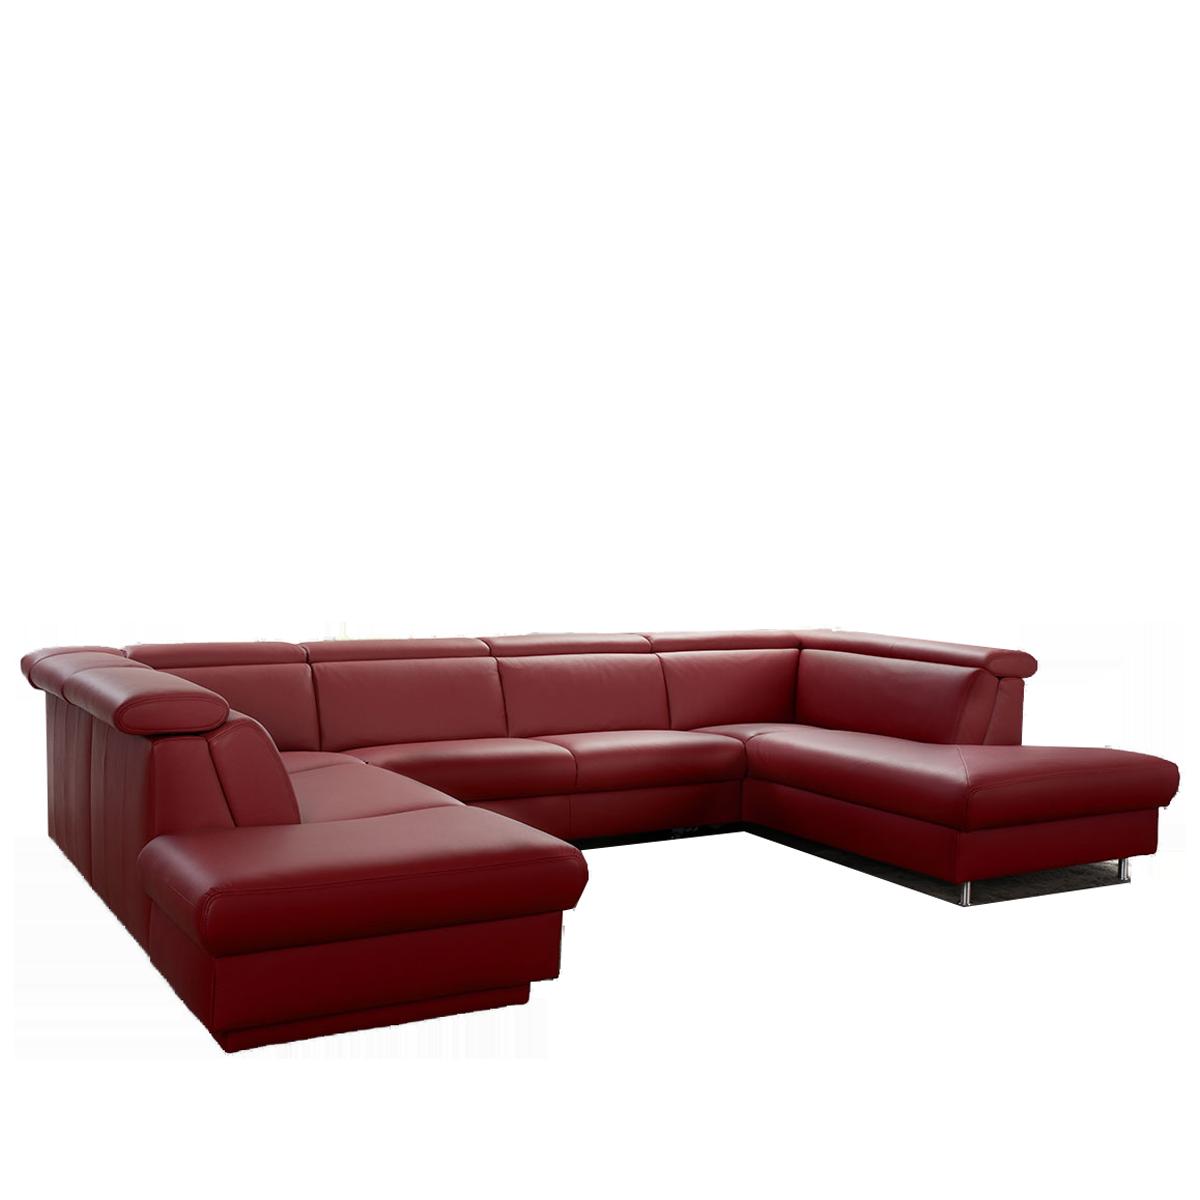 Full Size of Großes Ecksofa Groes Sofa 9701 In U Form Aus Dem Hause Himolla Bild Wohnzimmer Bezug Bett Regal Garten Mit Ottomane Wohnzimmer Großes Ecksofa